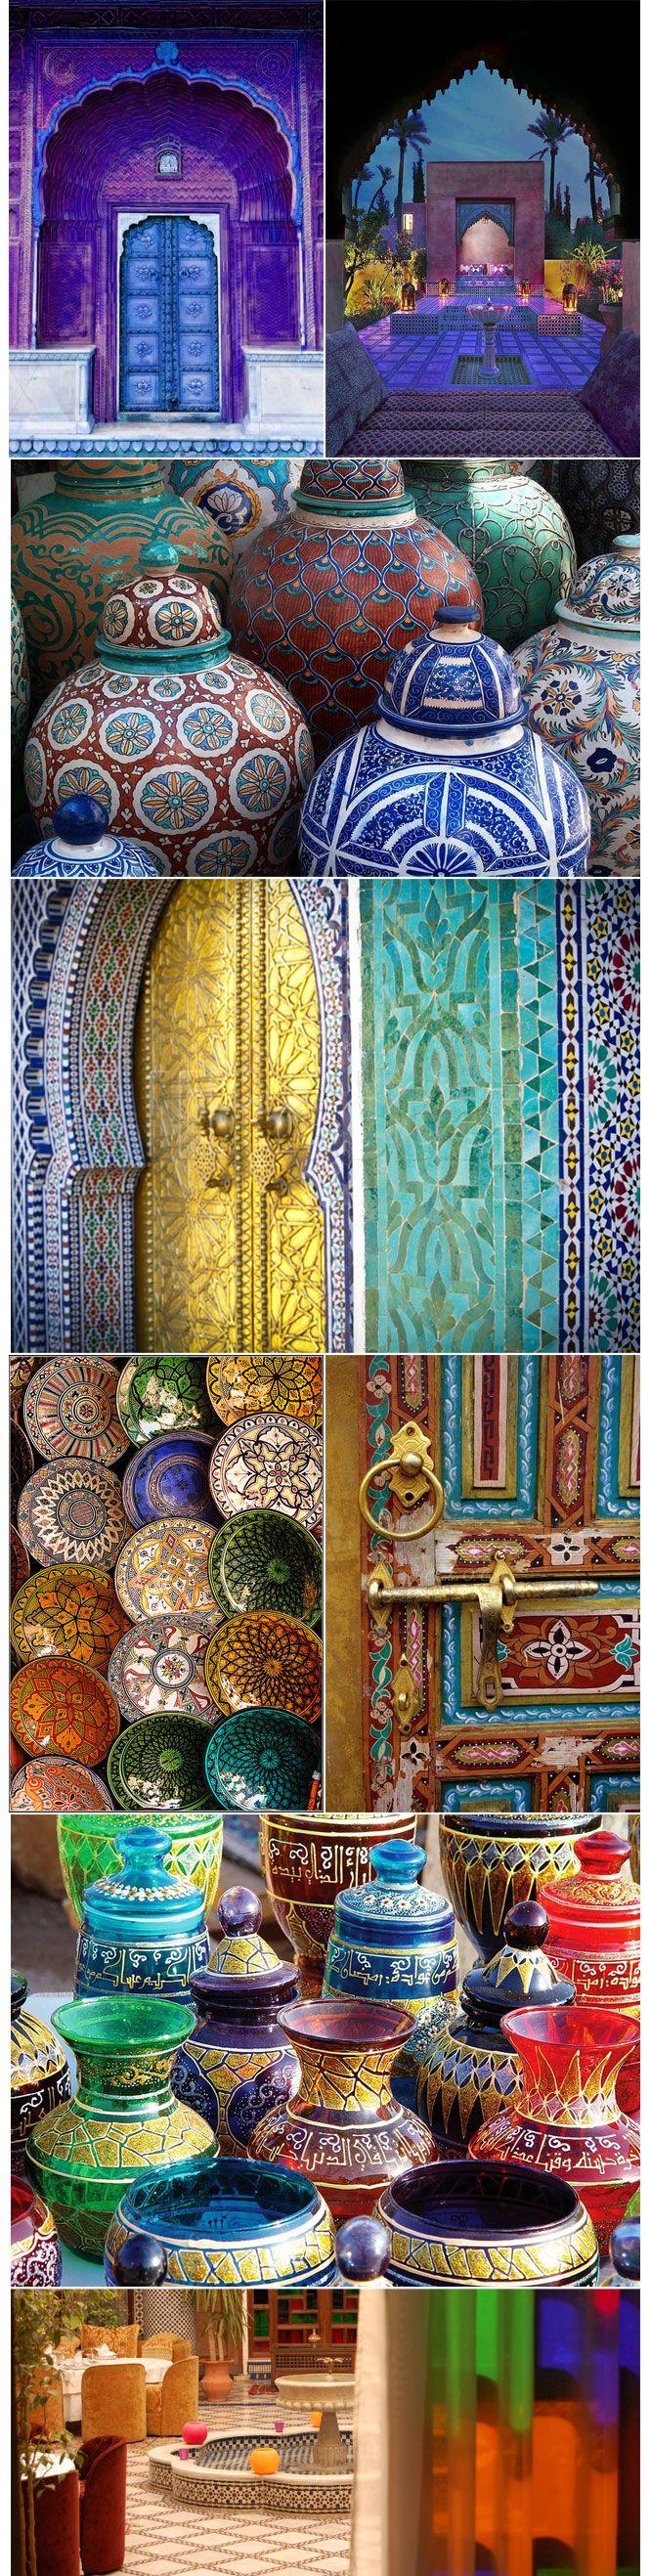 Do Marrocos para casa  Mosaicos, cerâmicas, mandalas, madeiras entalhadas, tapetes e artigos artesanais. Mergulhe na cultura do Marrocos e deixe sua casa ainda mais aconchegante. Aposte em peças com riqueza de detalhes e tons vibrantes de azul, vermelho, amarelo e verde. http://decoradorabile.com.br/do-marrocos-para-casa/